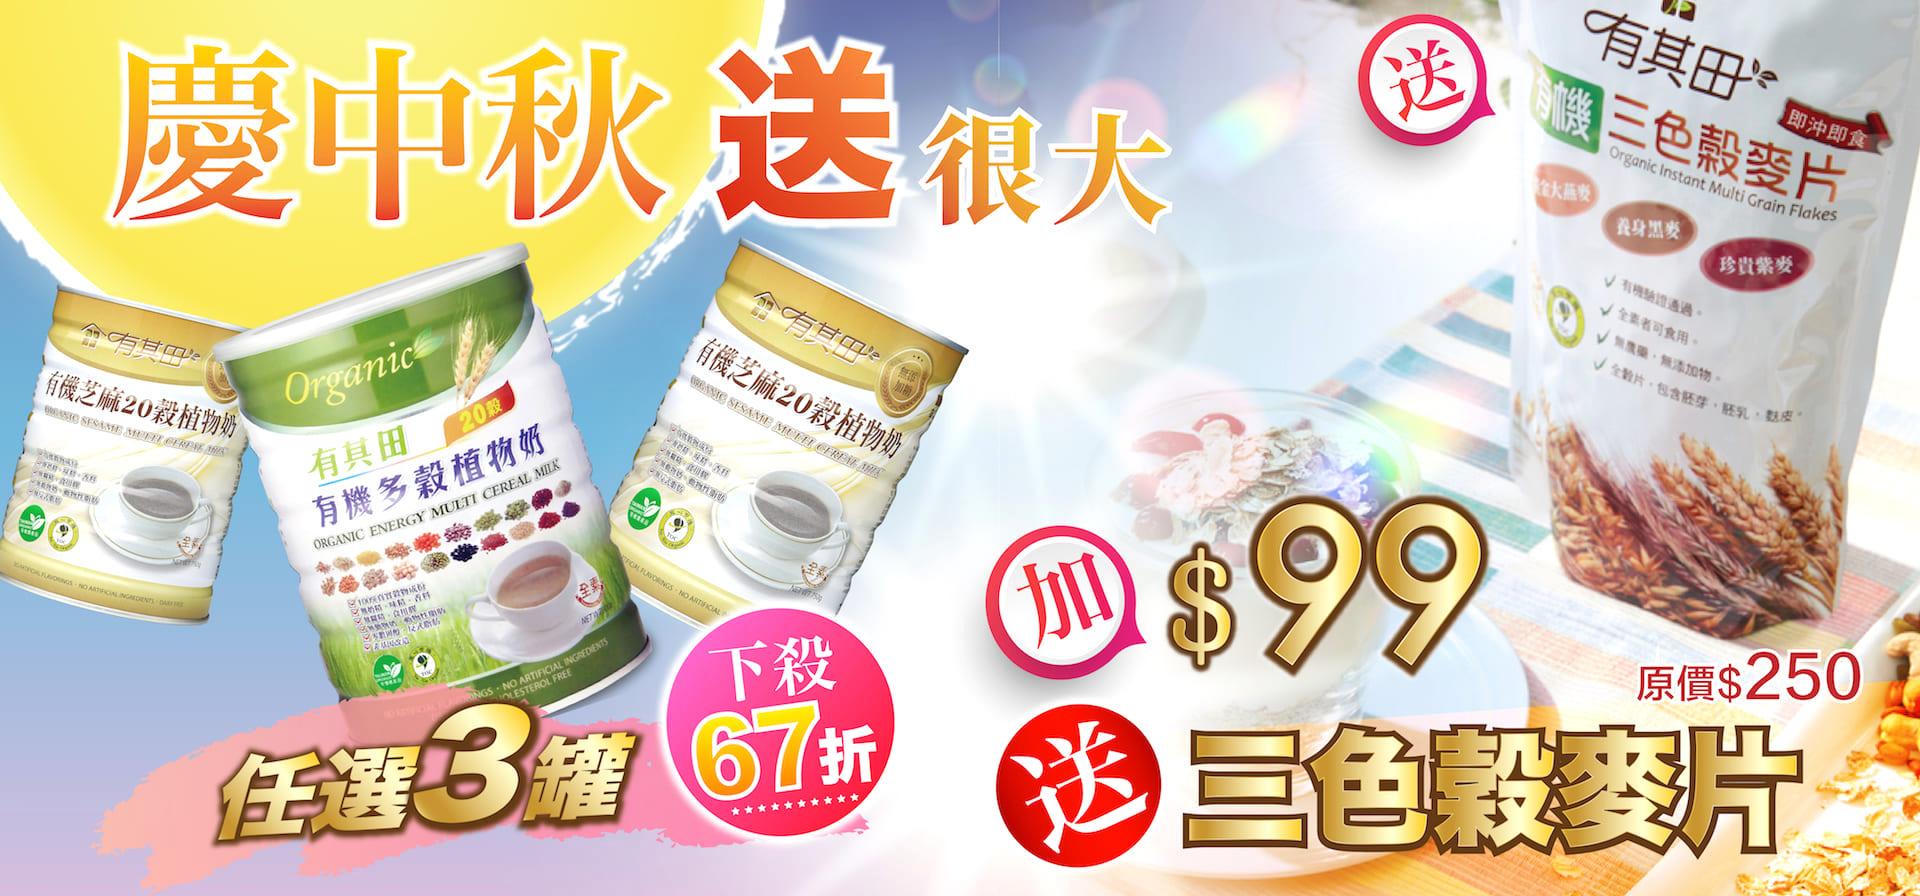 秋季特別組合,罐裝植物奶3入67折,加$99元,送三色榖麥片